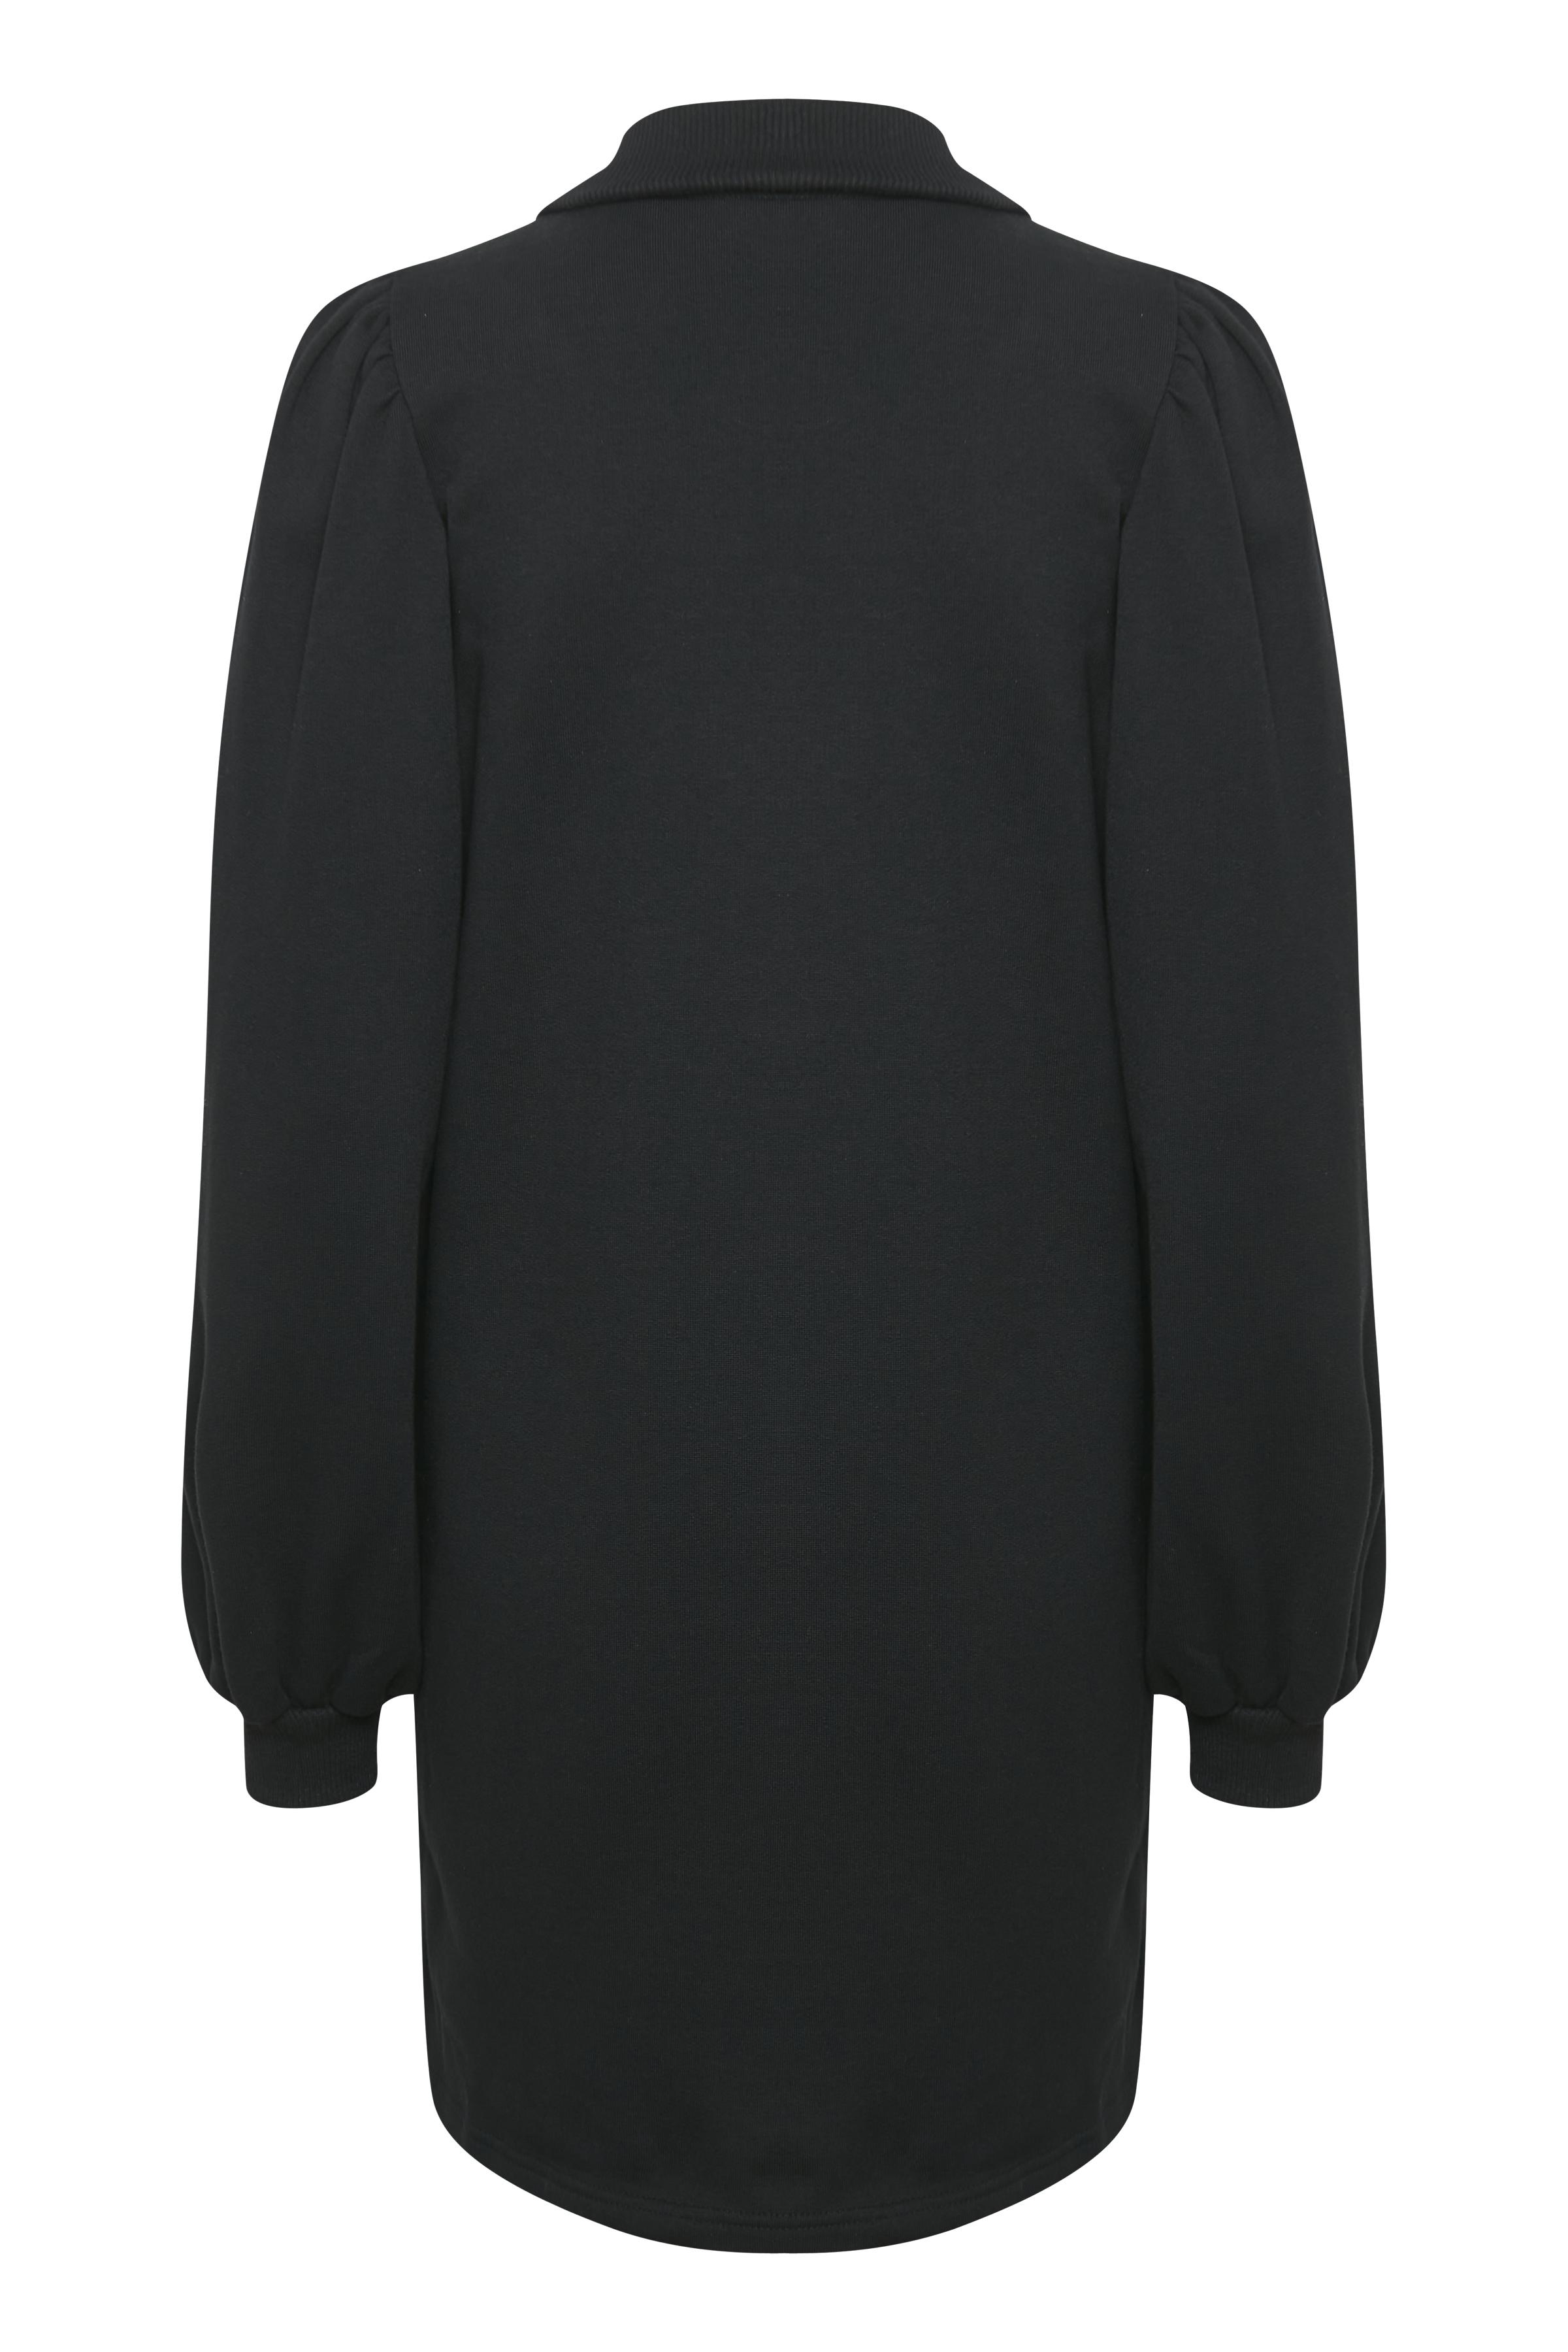 Gestuz NankitaGZ kjole, sort, XS